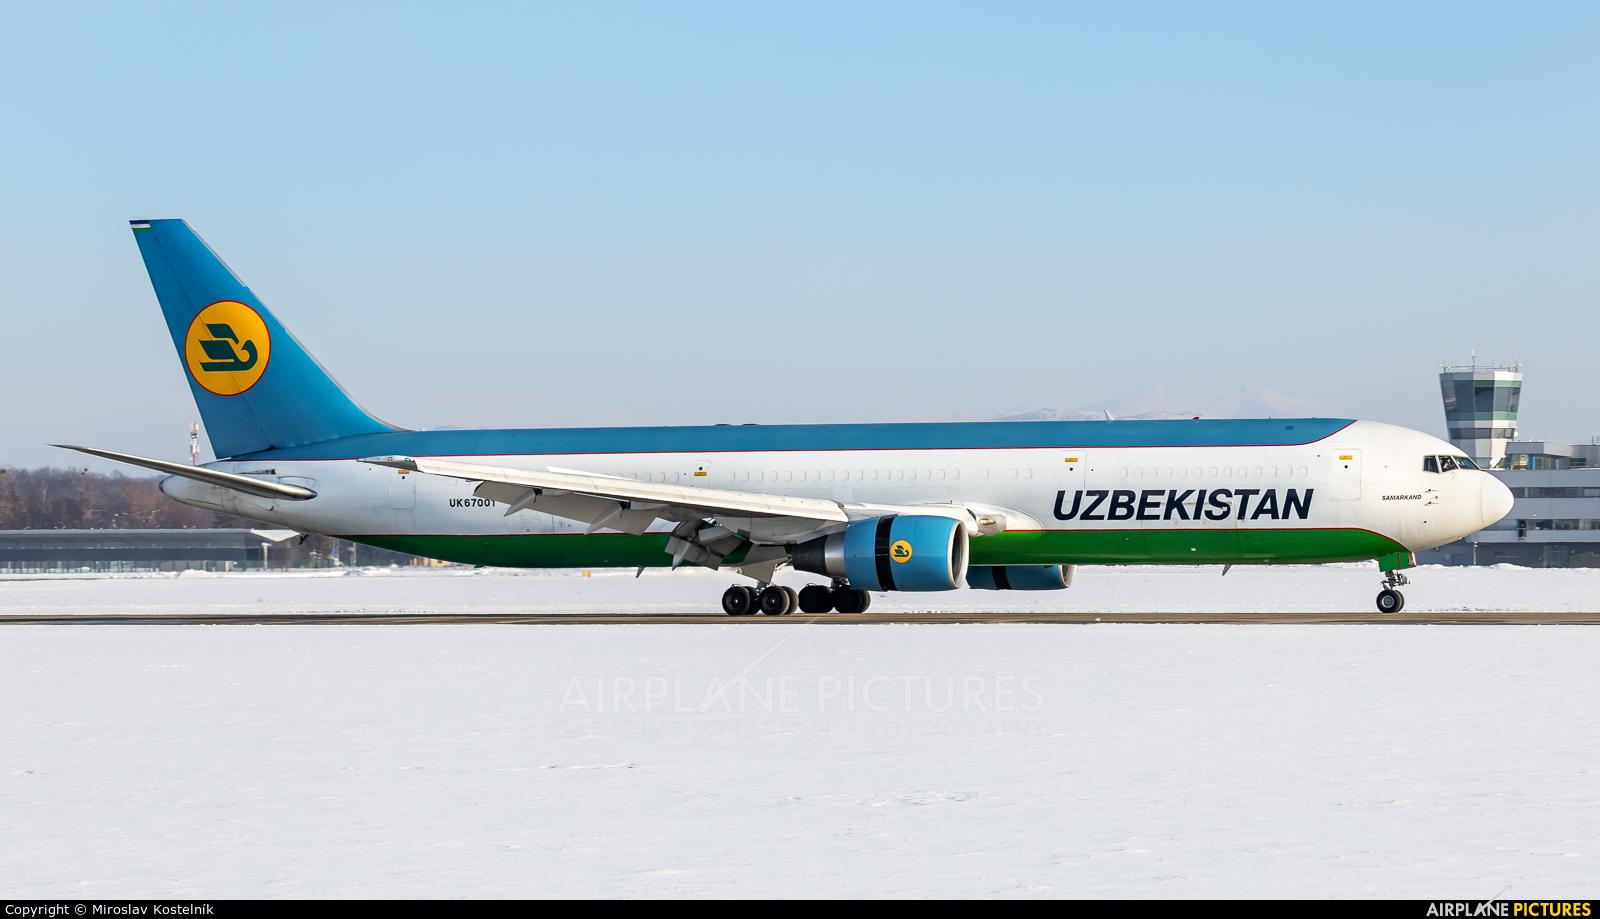 Uzbekistan Airways VELKÁ BRITÁNIE67001 aircraft at Ostrava Mošnov